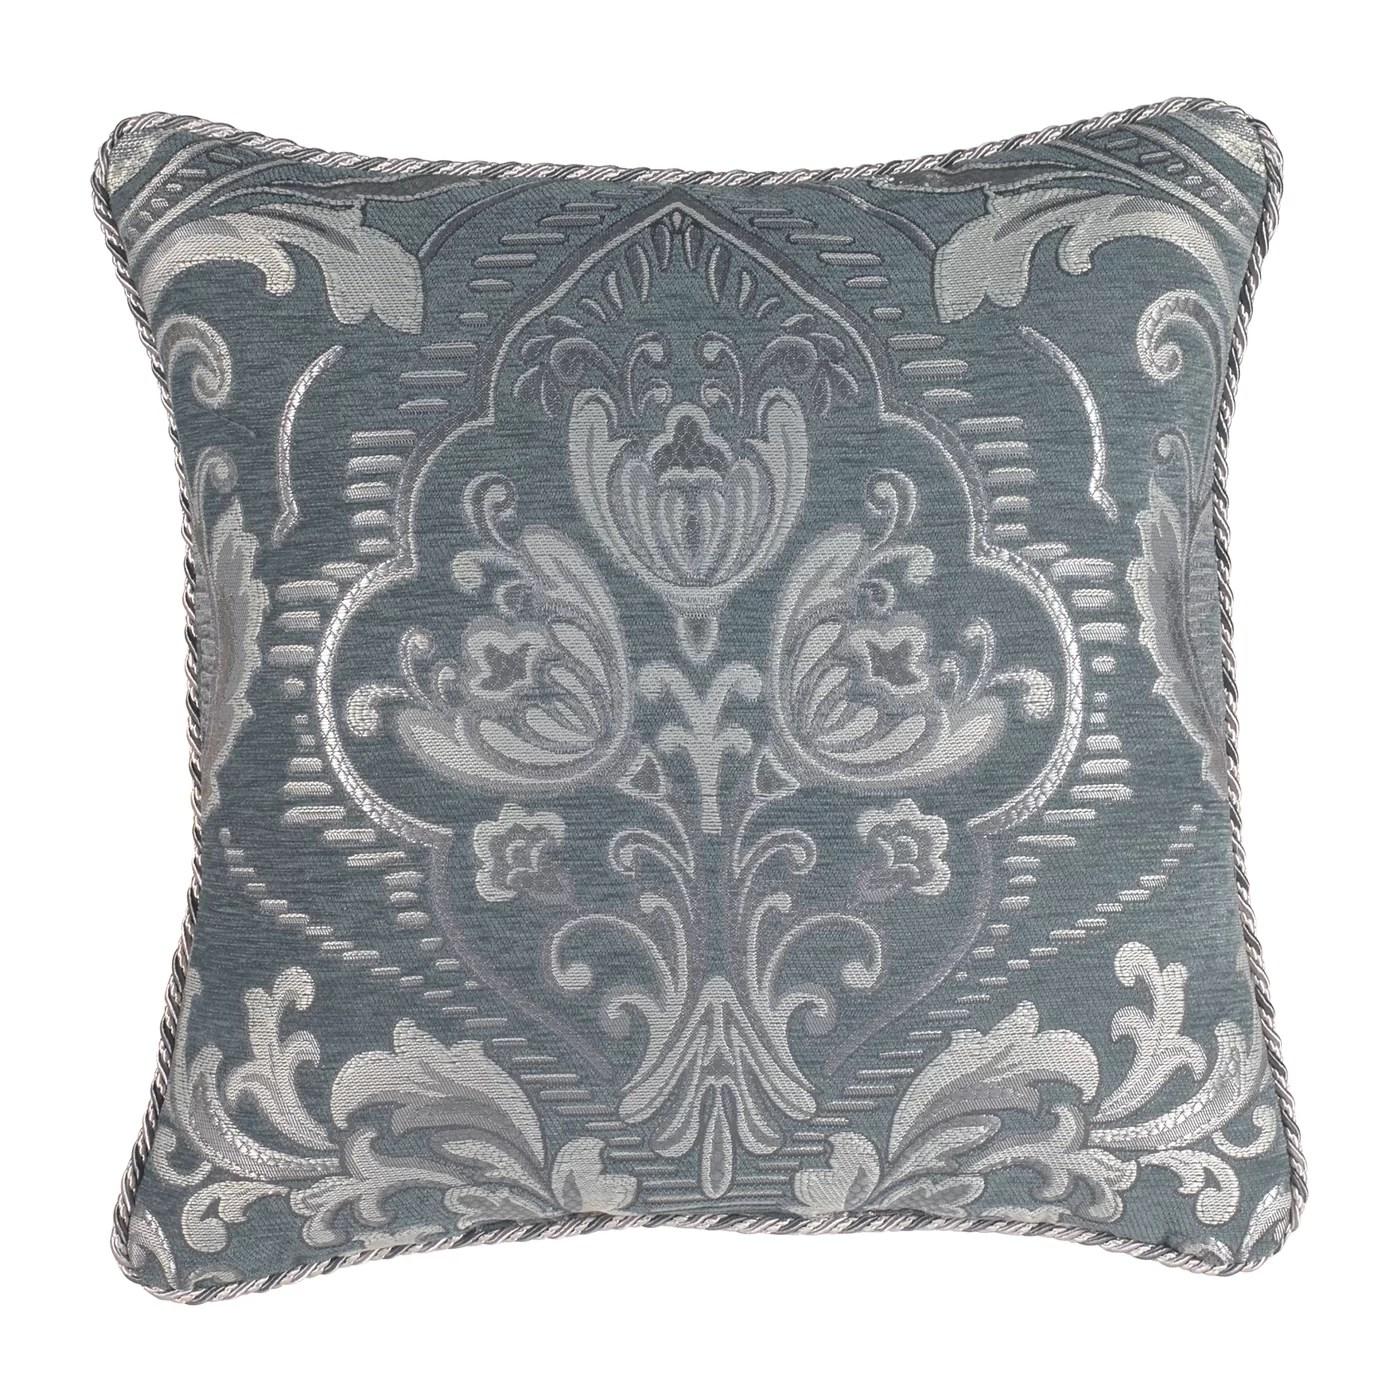 croscill vincent pillows online